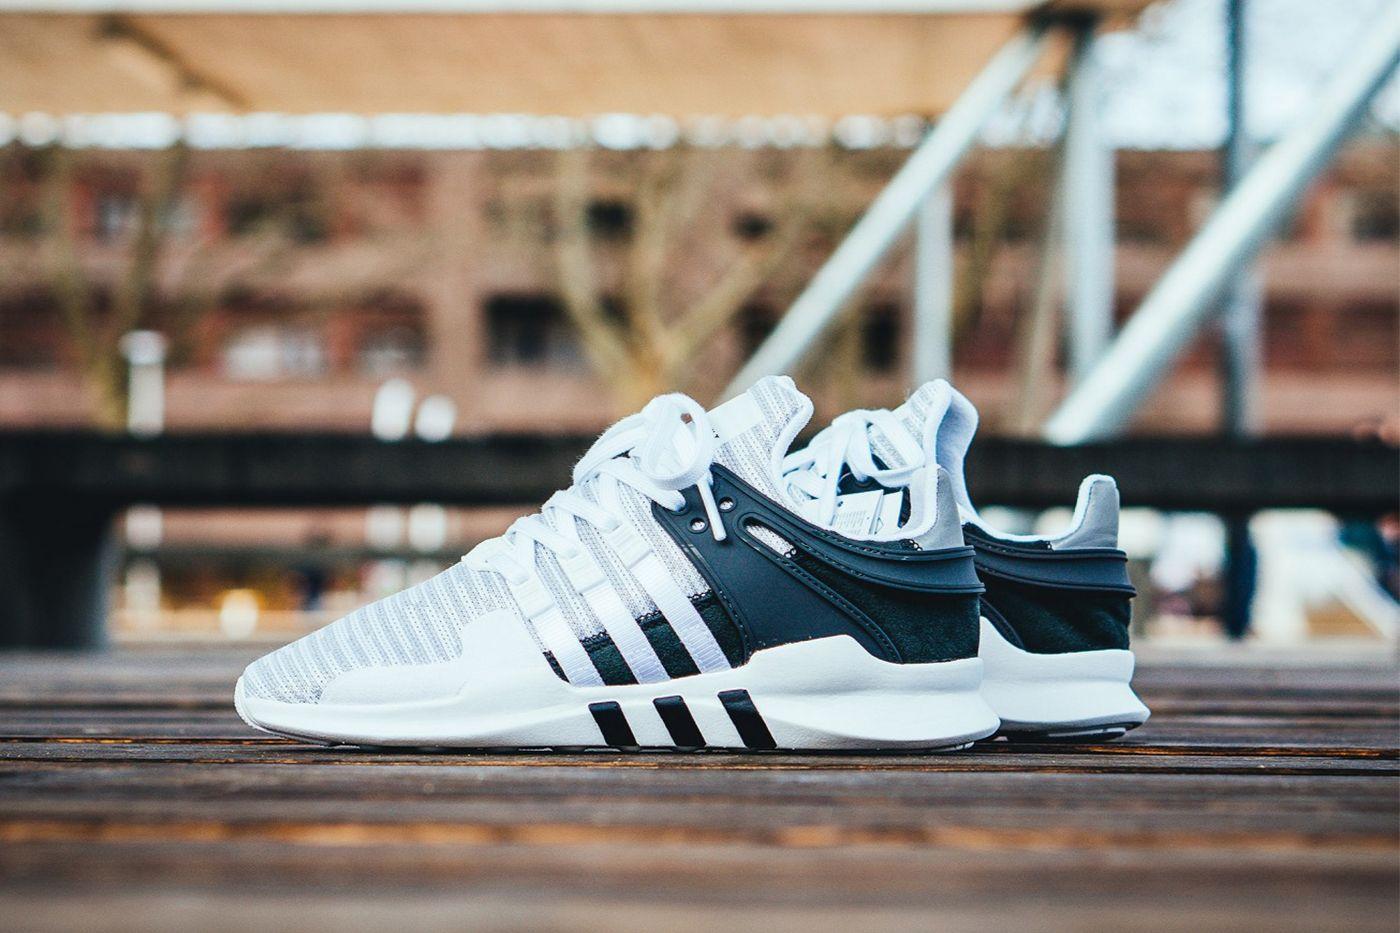 Adidas Calci: Eqt Appoggio Avanzata Ue Calci: Adidas Scarpe Da Ginnastica Magazine Street c694cb